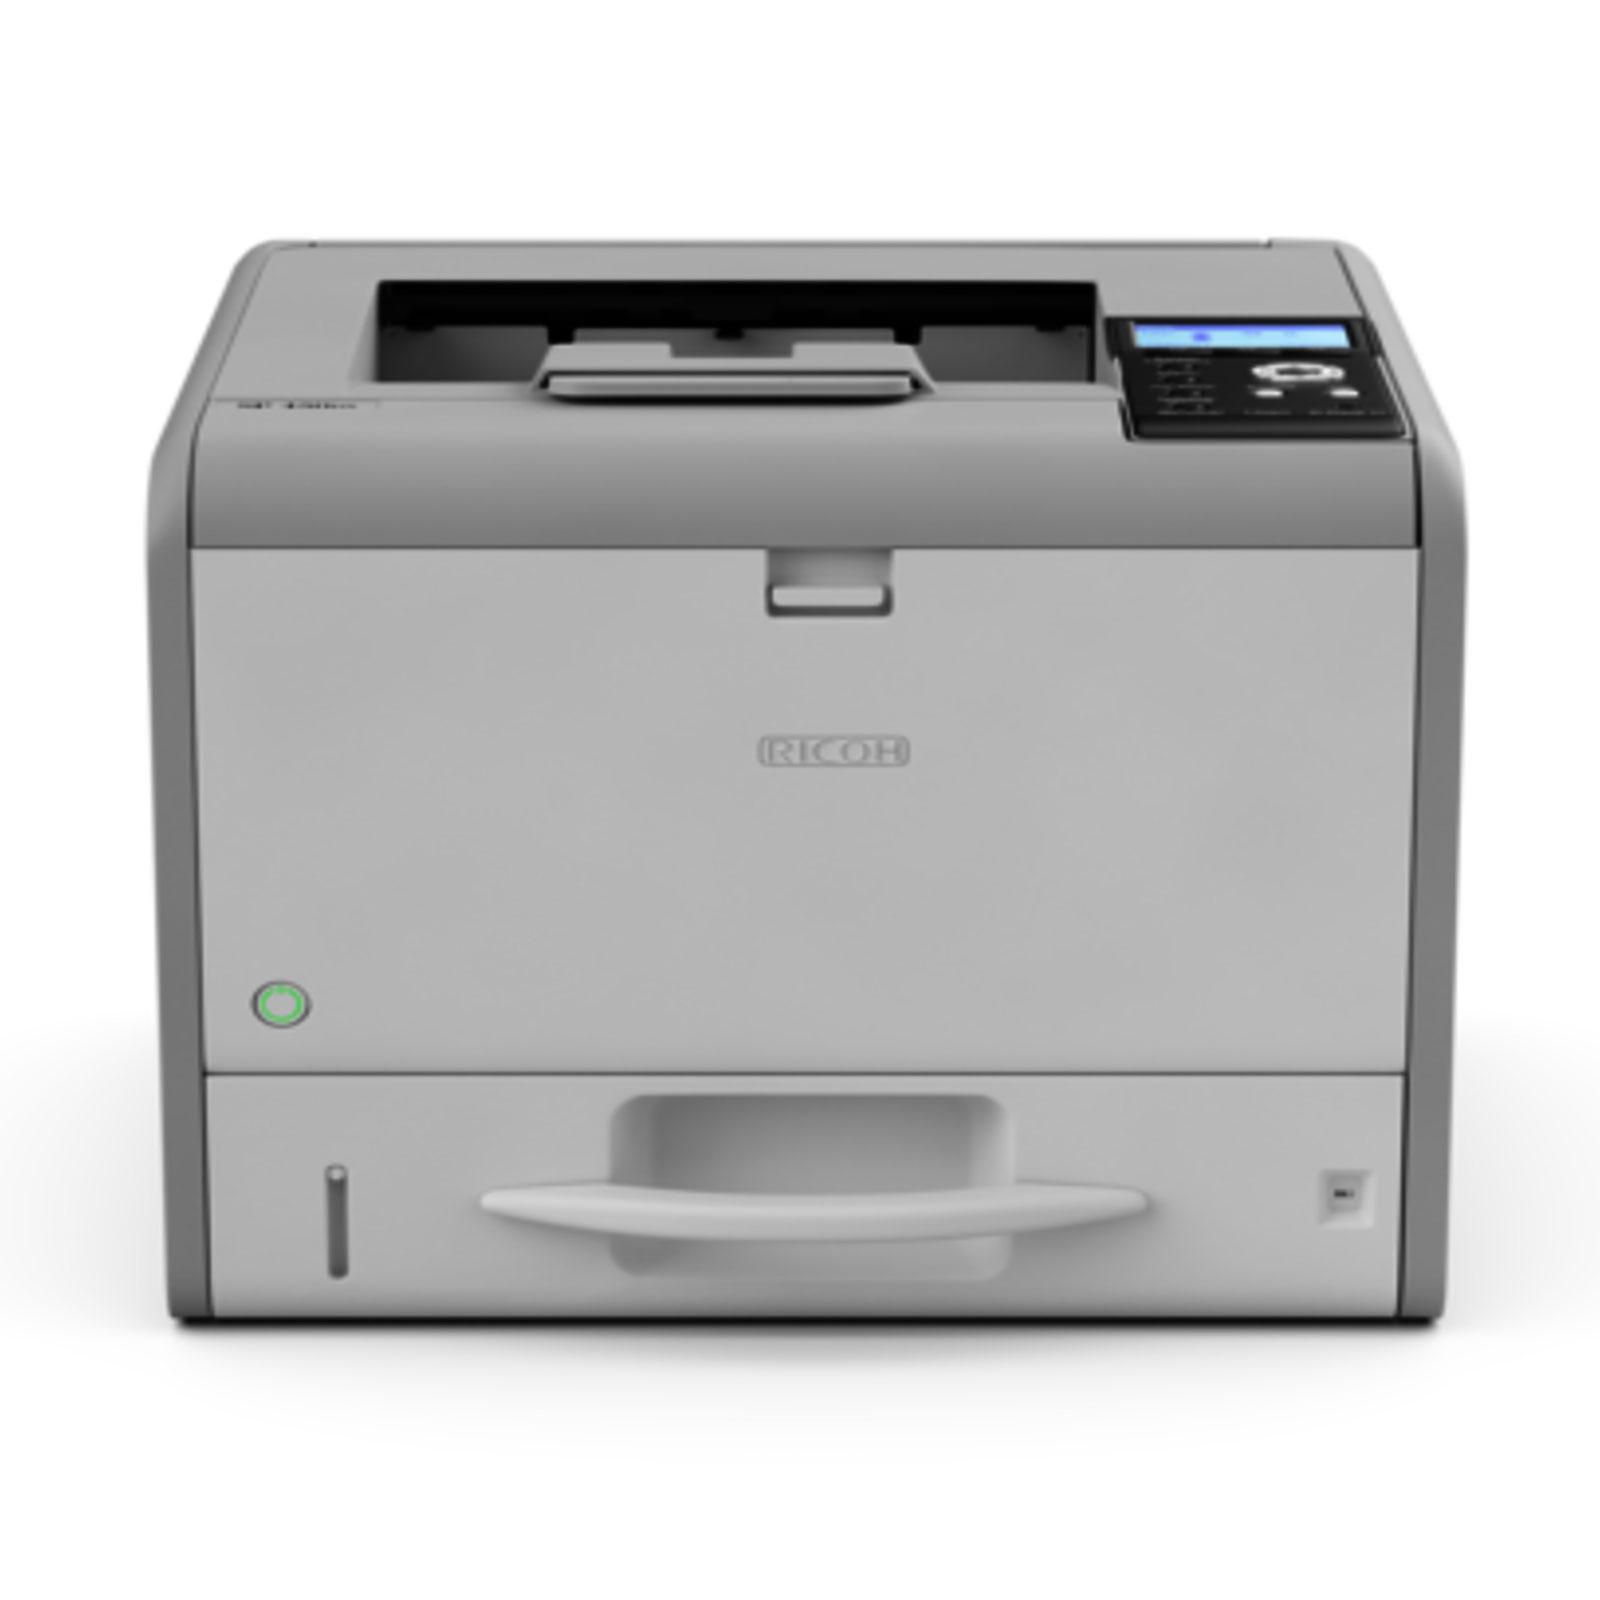 Ricoh Sp 400dn Imprimante Laser Ricoh Sur Ldlc Com